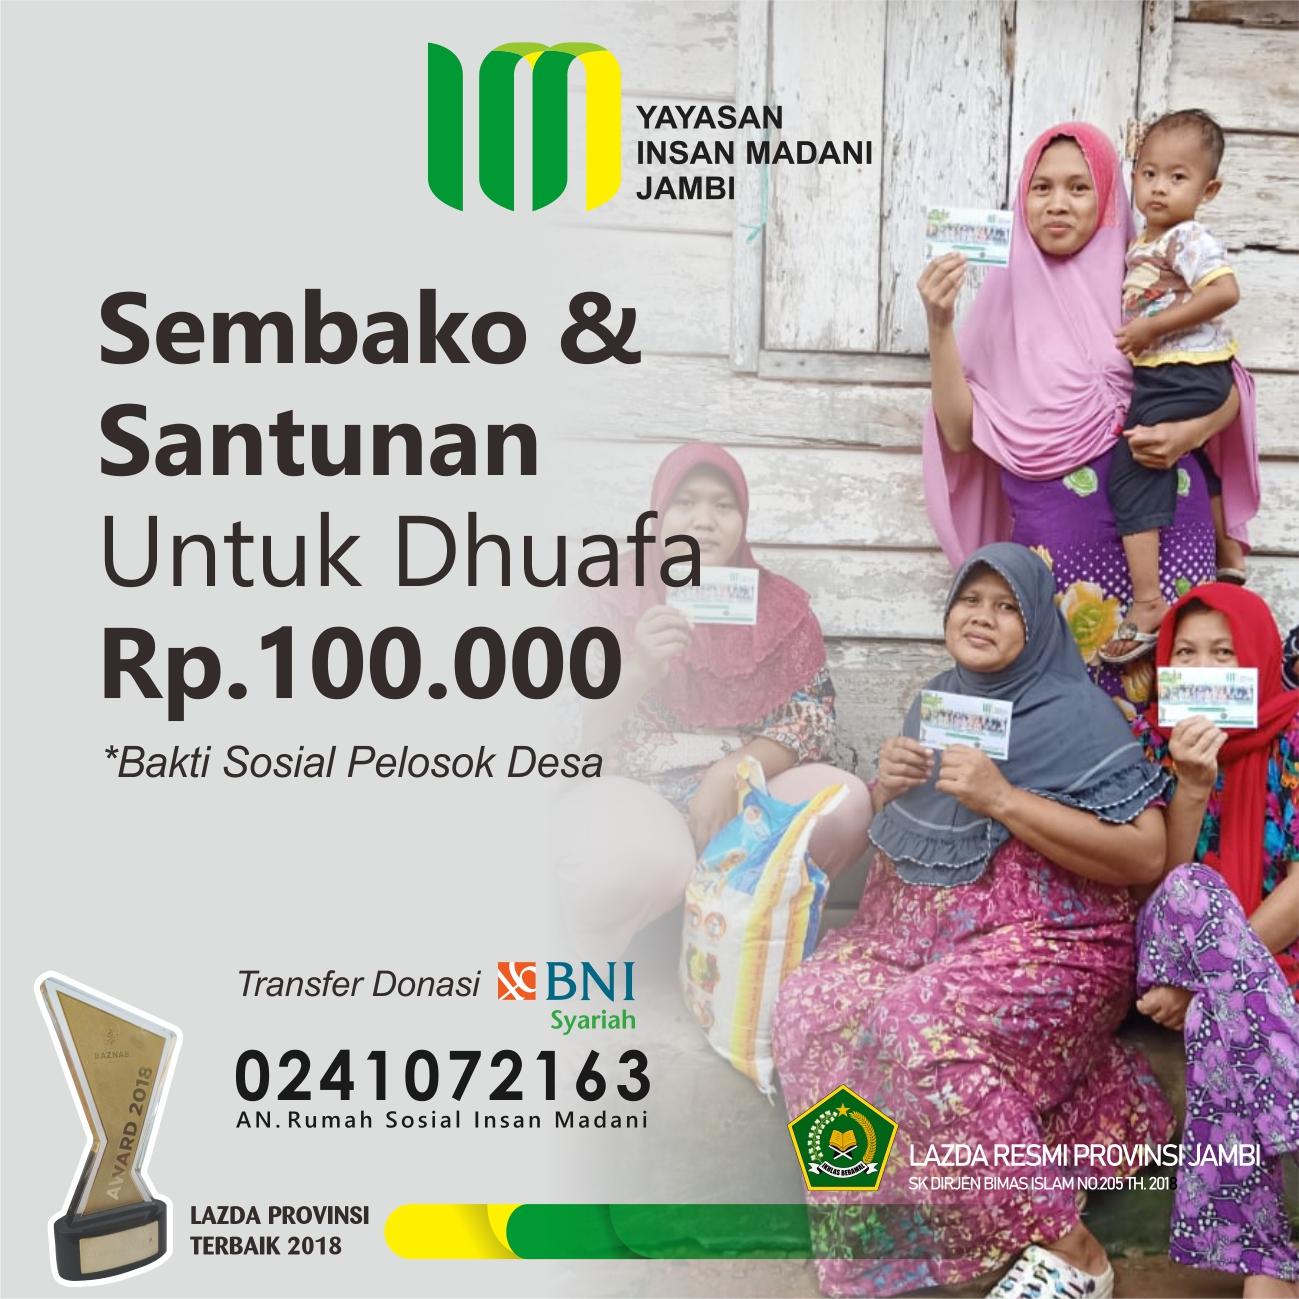 Sembako & Santunan